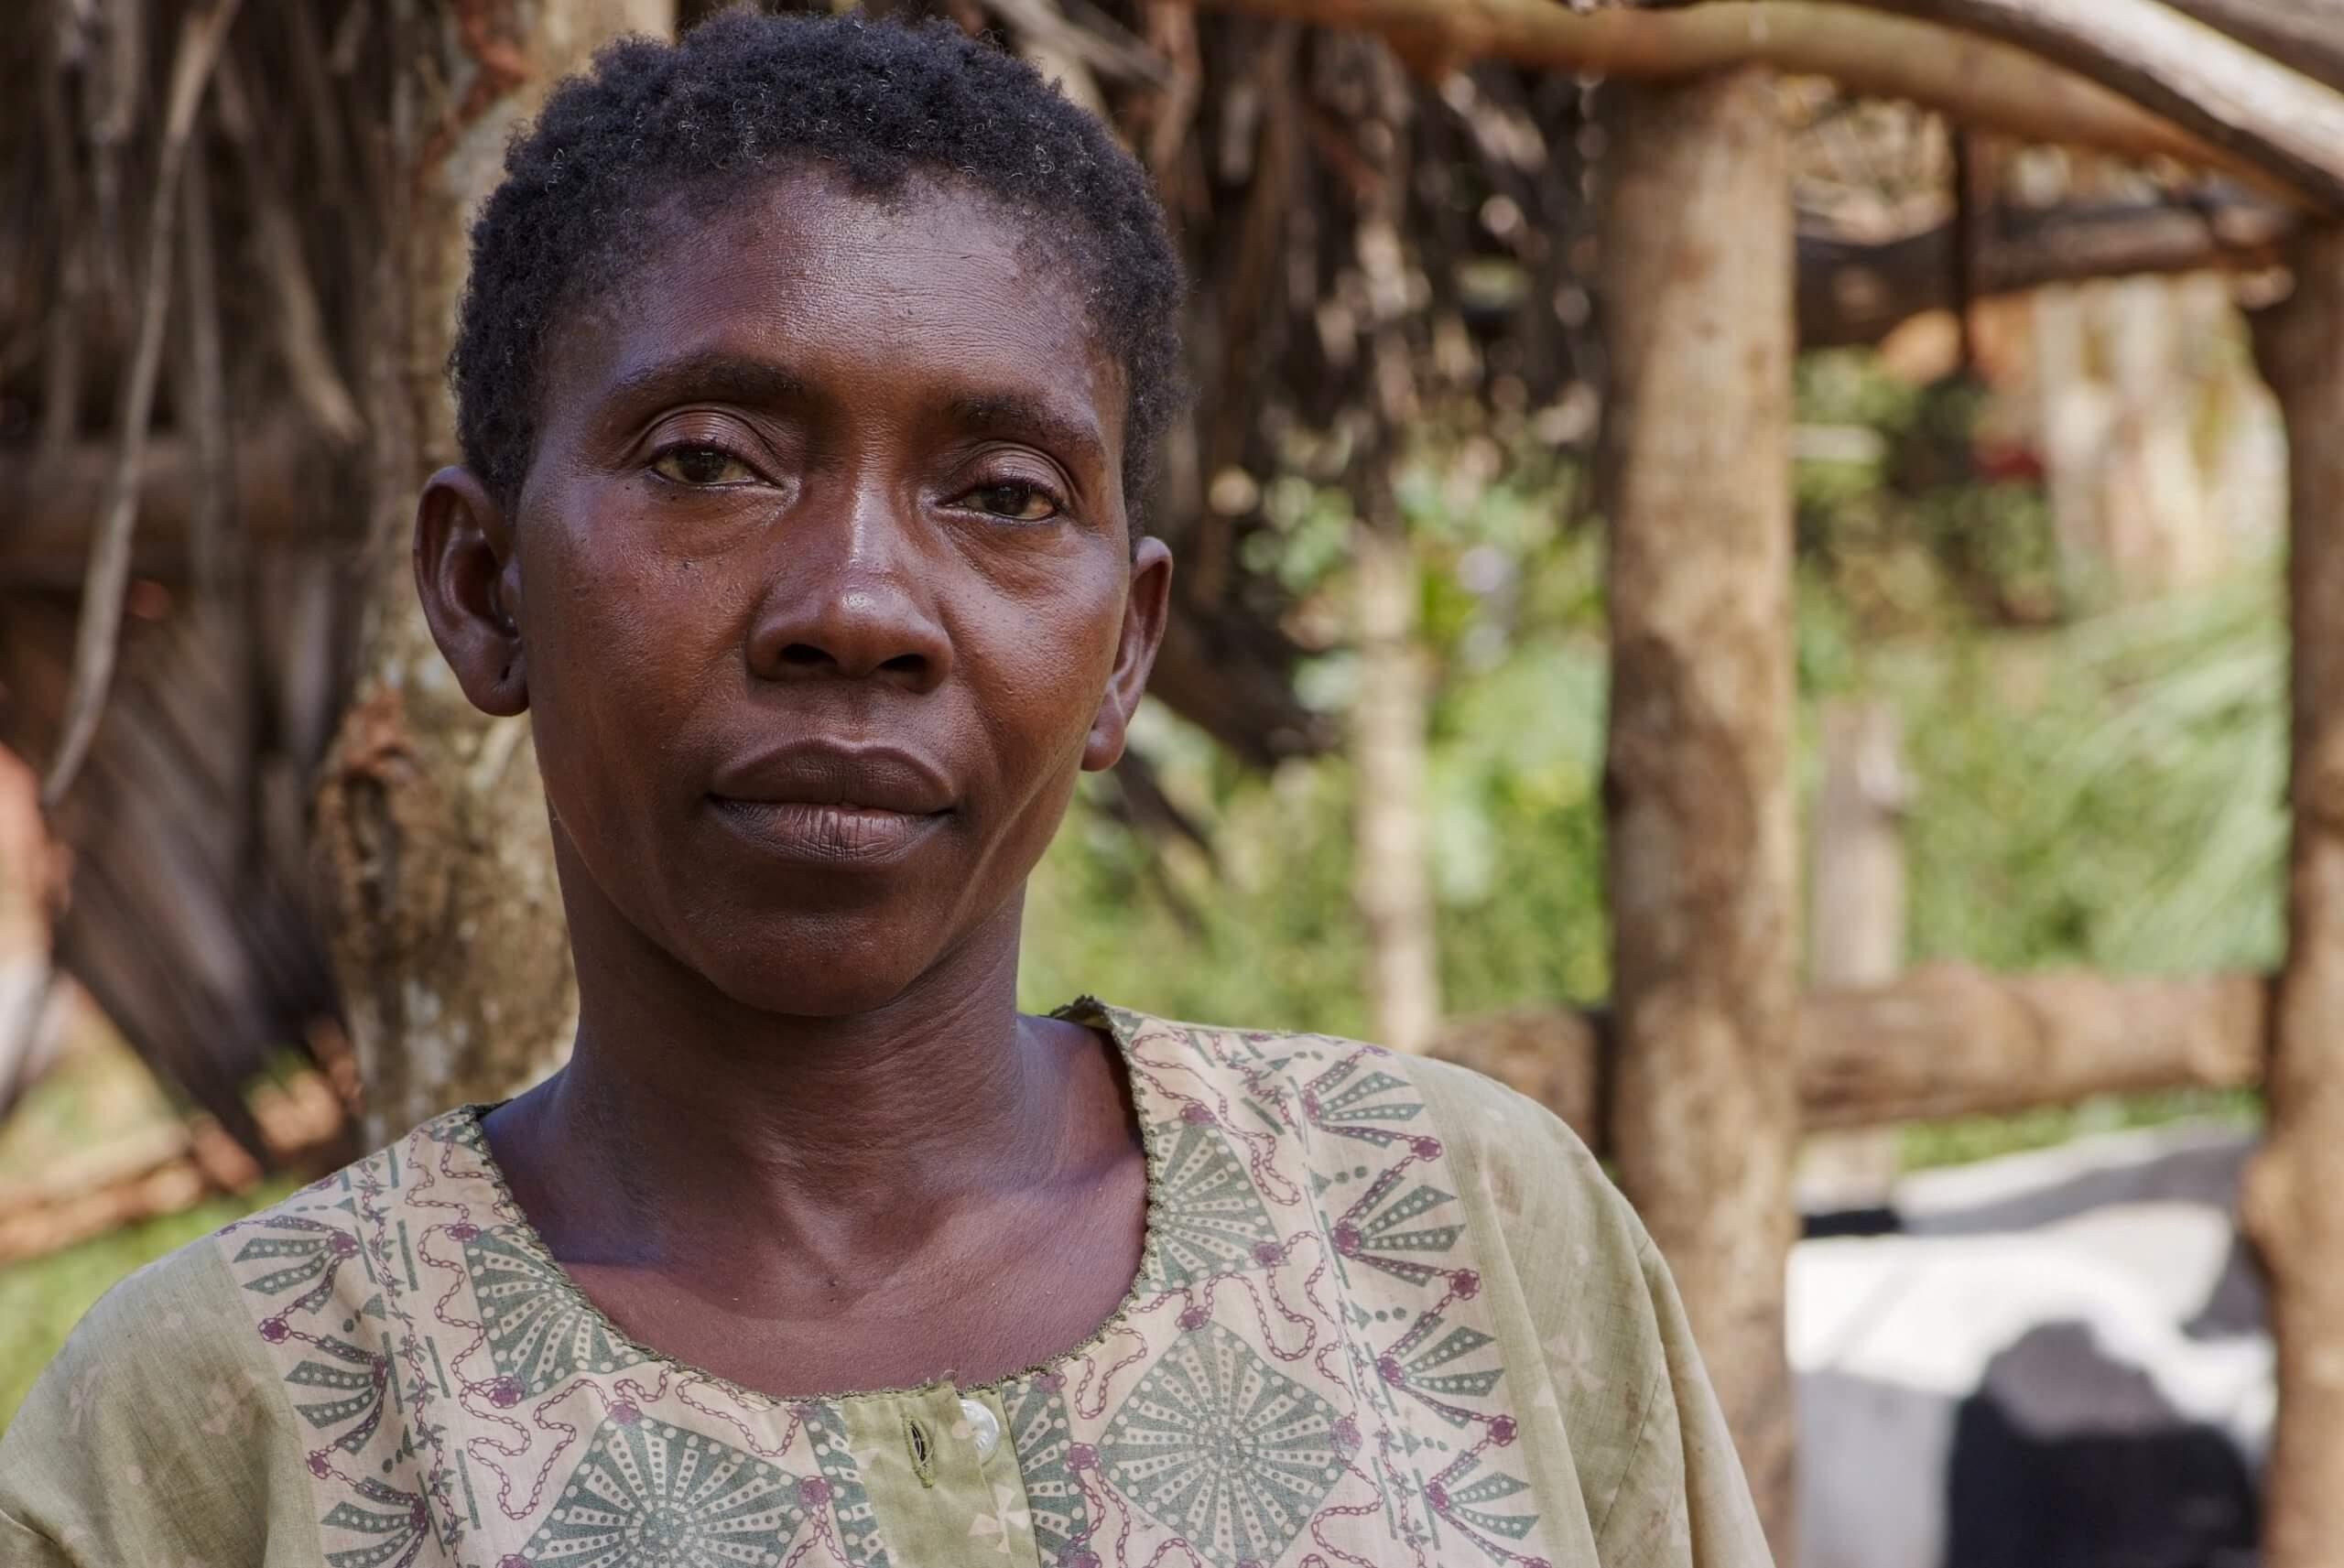 16 01 boerin trotsevrouw Mariamu Kipingu Muheza Tanzania 4486 scaled